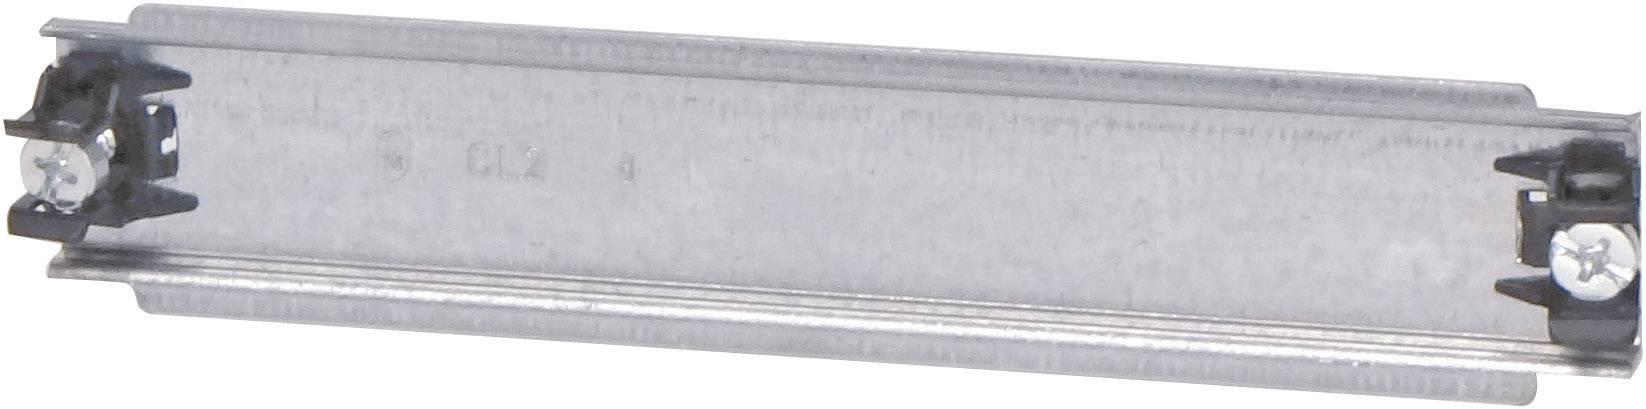 Koľajnice Eaton CL2, 187.5 mm, oceľový plech, 1 ks